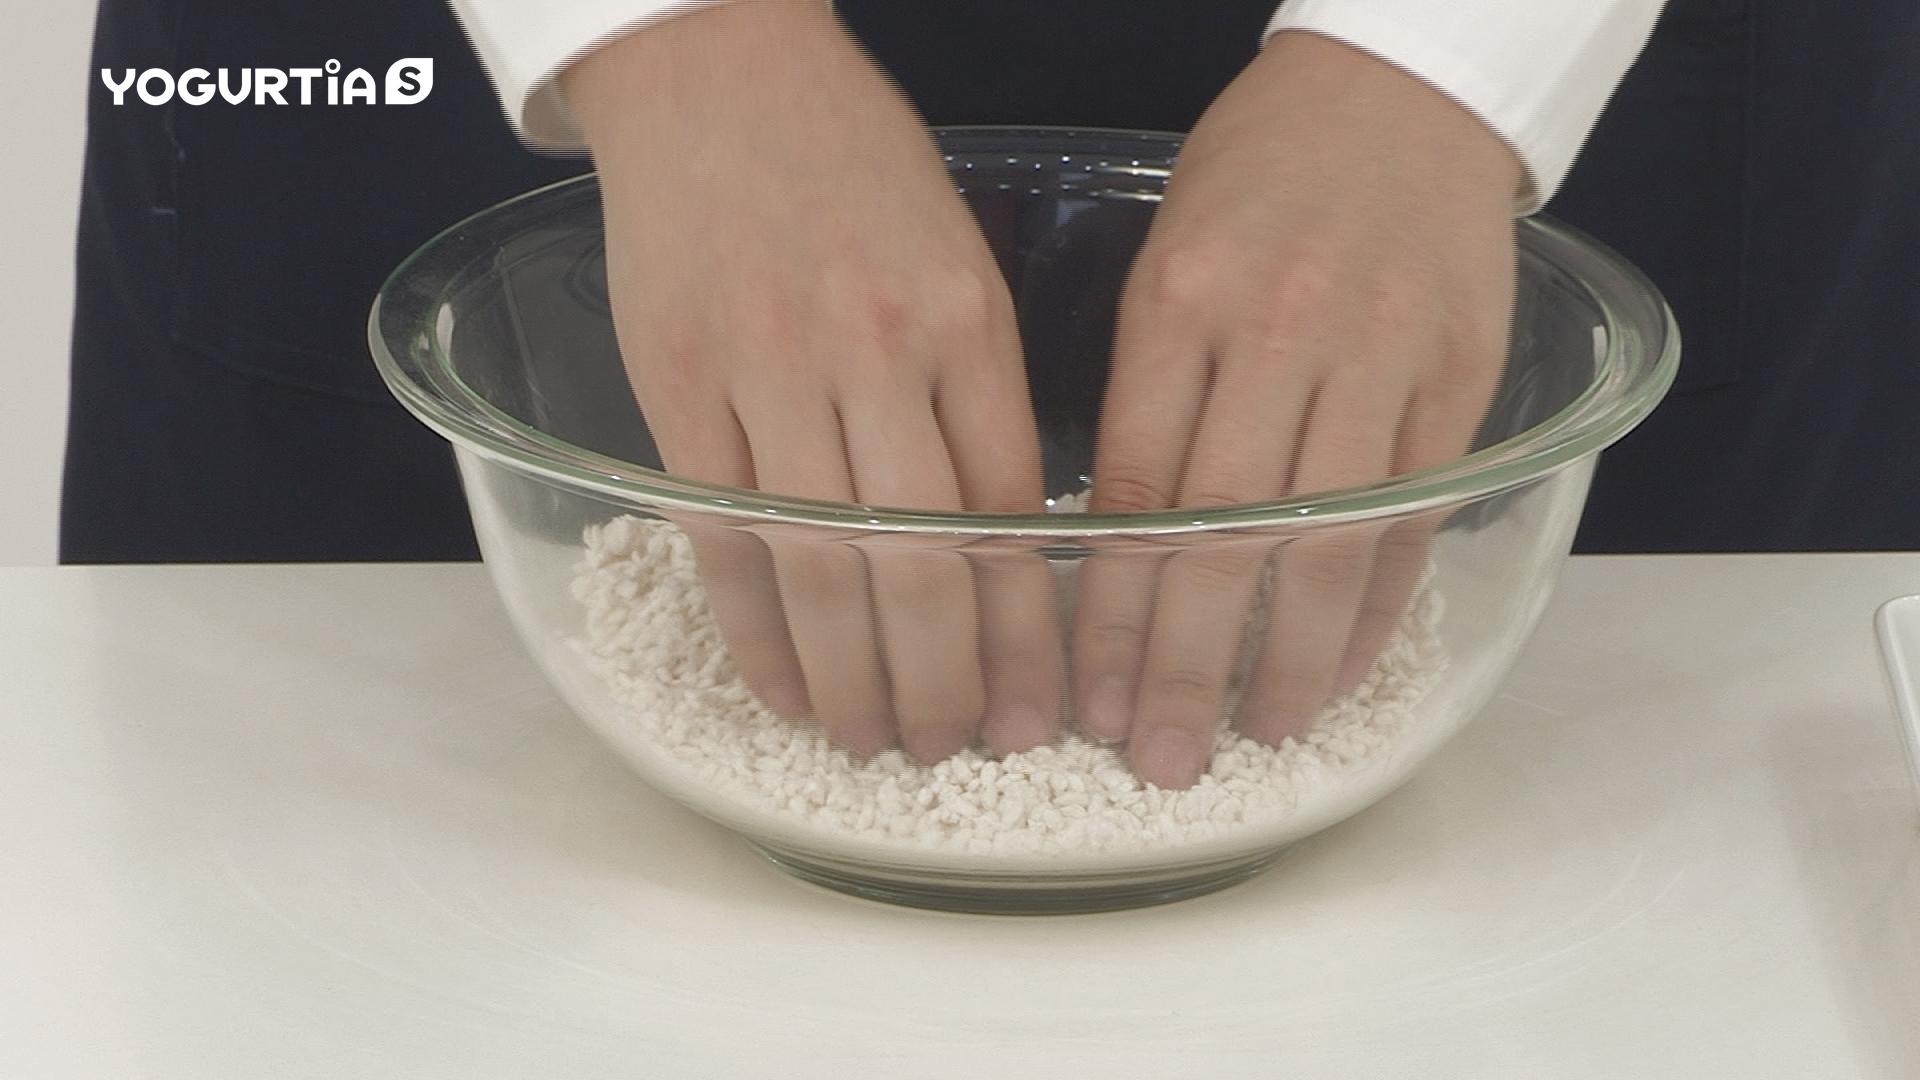 米麹は両手でこすり合わせるようにして、一粒ずつほぐします。